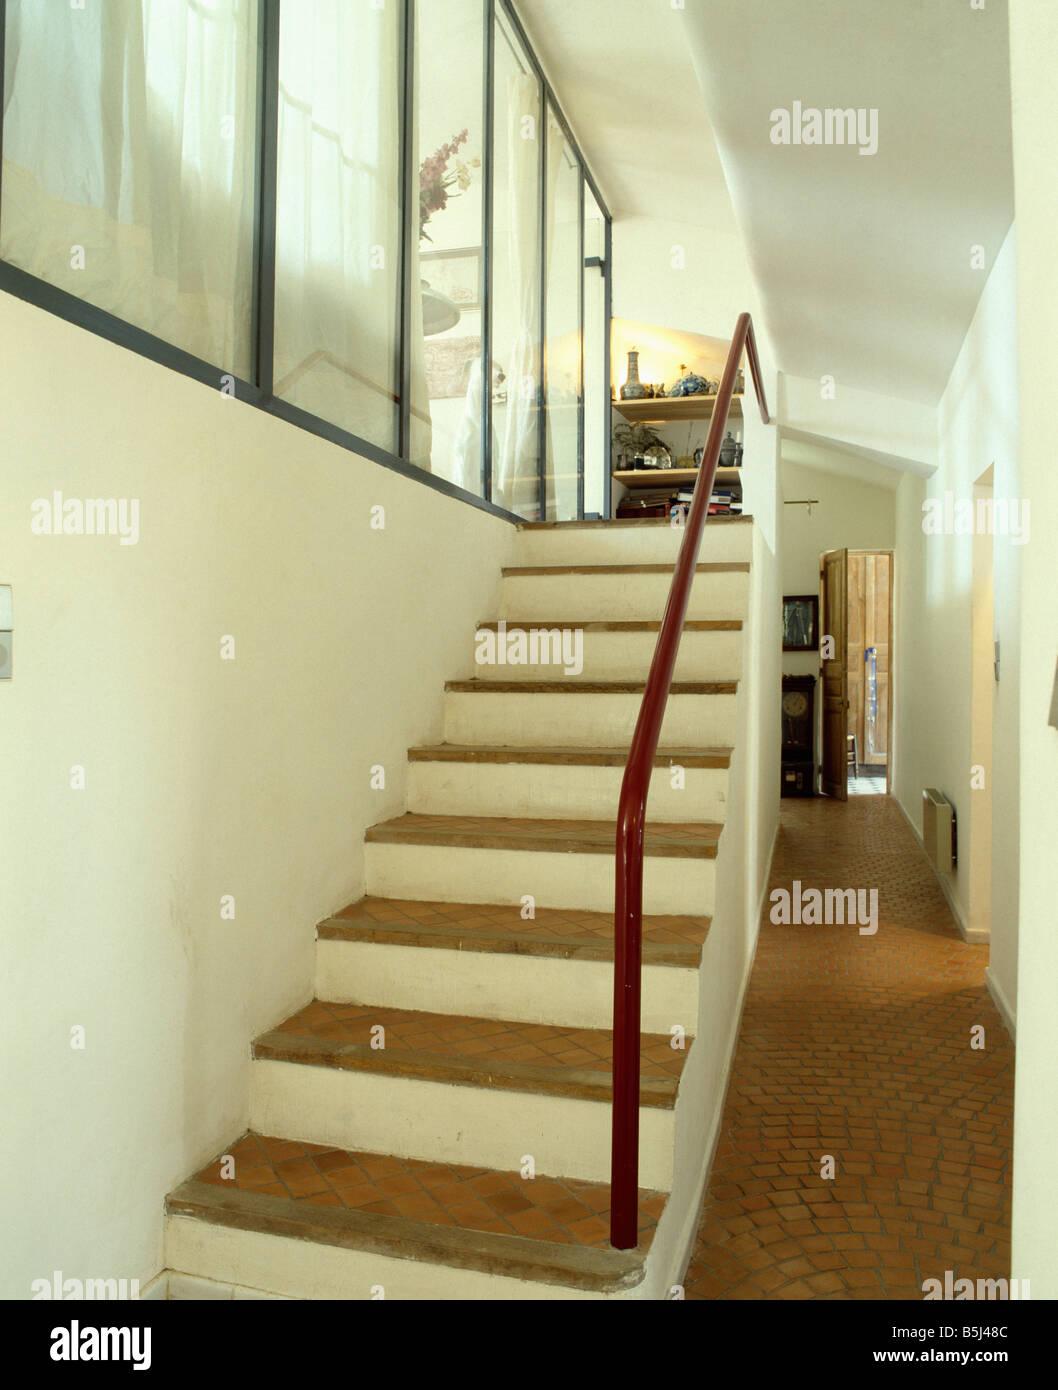 Peindre Un Escalier Carrelé sol carrelé en terre cuite marche sur escalier dans white